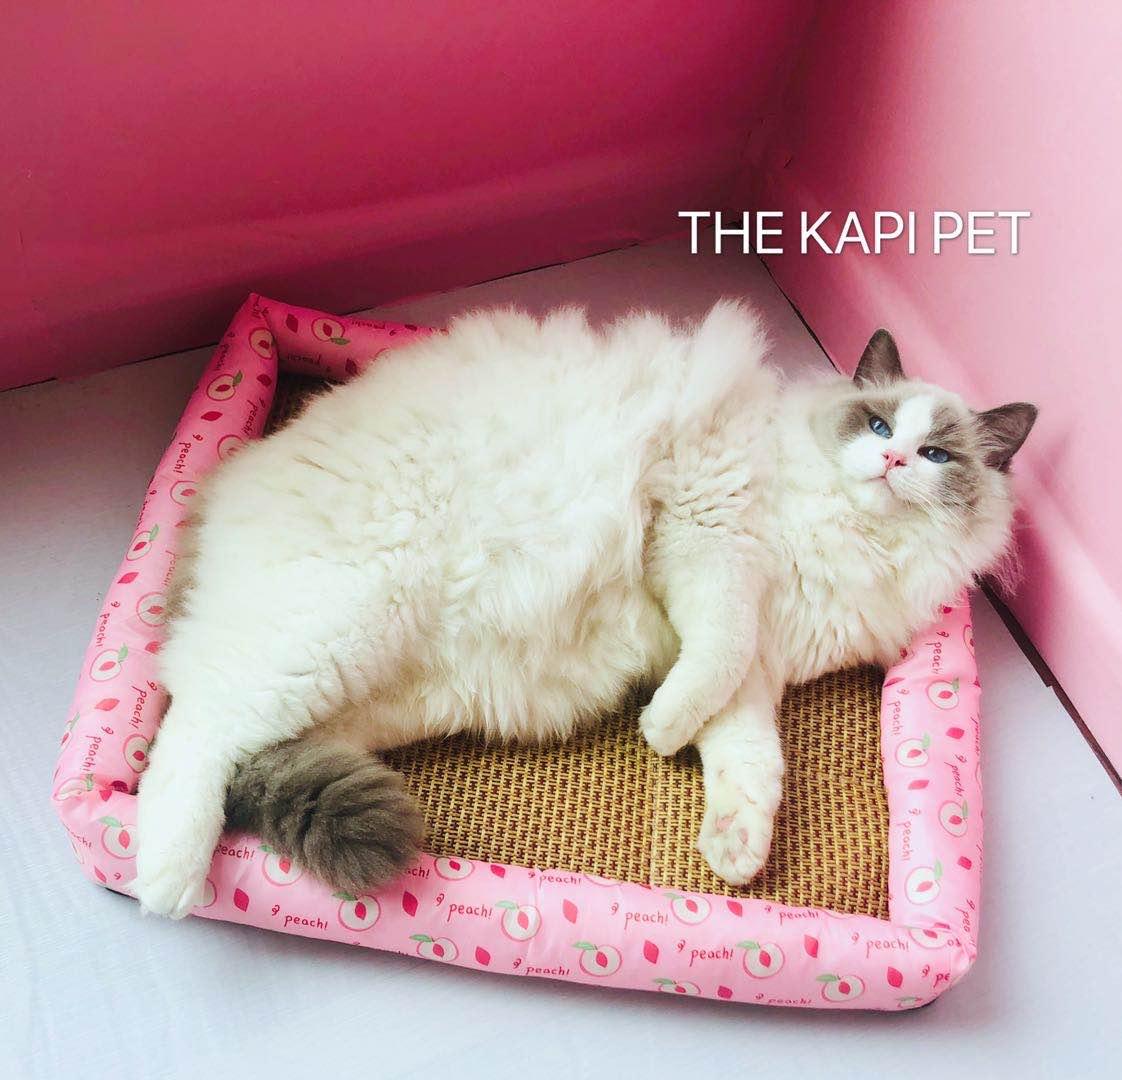 一只卡比兽~新鲜果果宠物凉席狗窝猫窝夏季凉垫凉席垫子可机洗